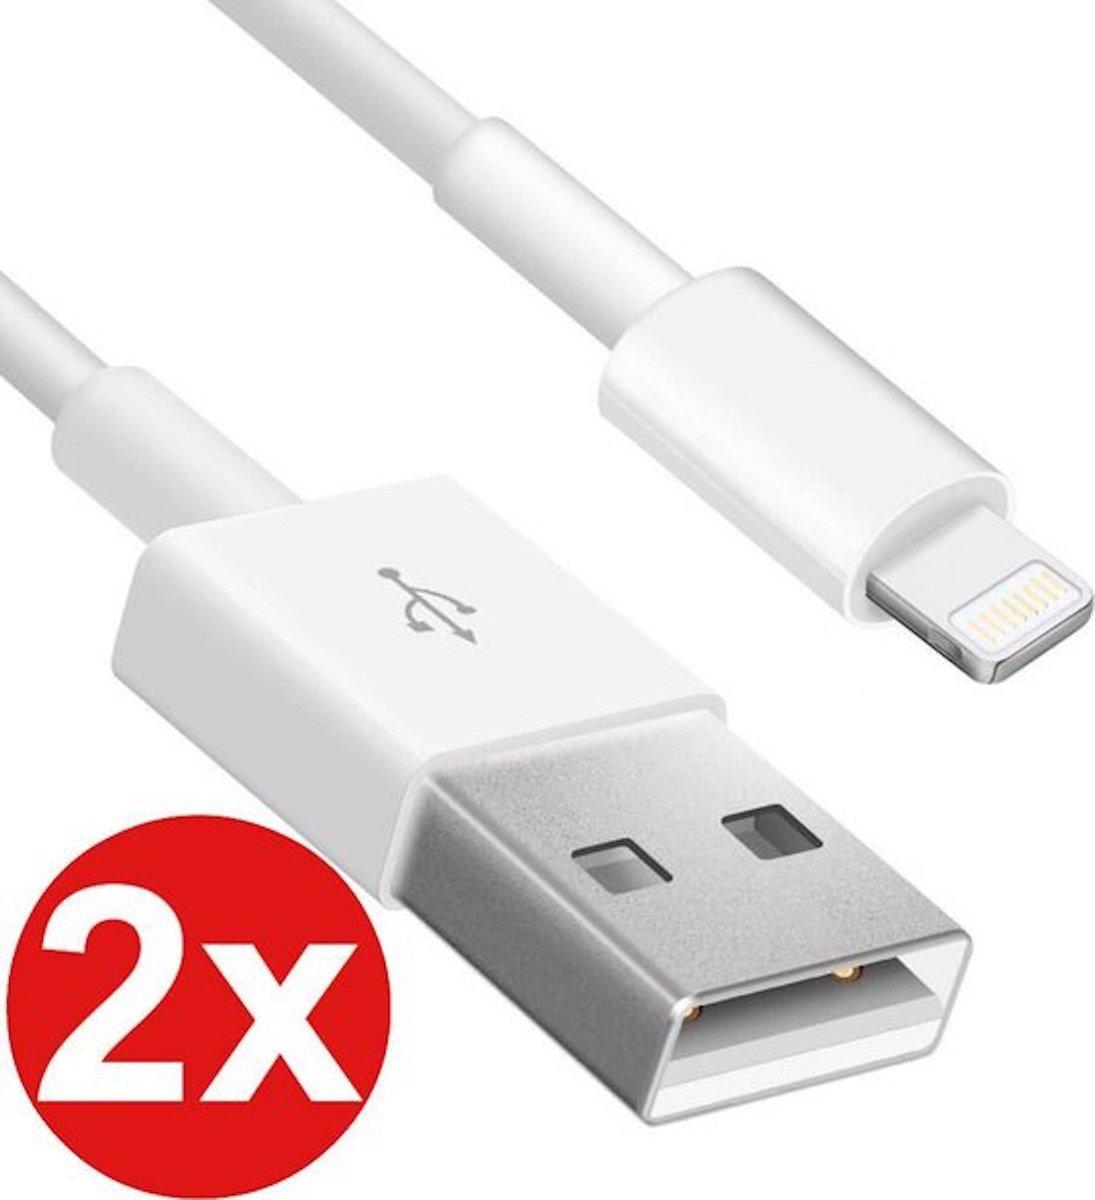 2 stuks USB oplaadkabels Apple iPhone iPad oplader + Tijdelijk Gratis 2 kabelbeschermers (1 Zwart en